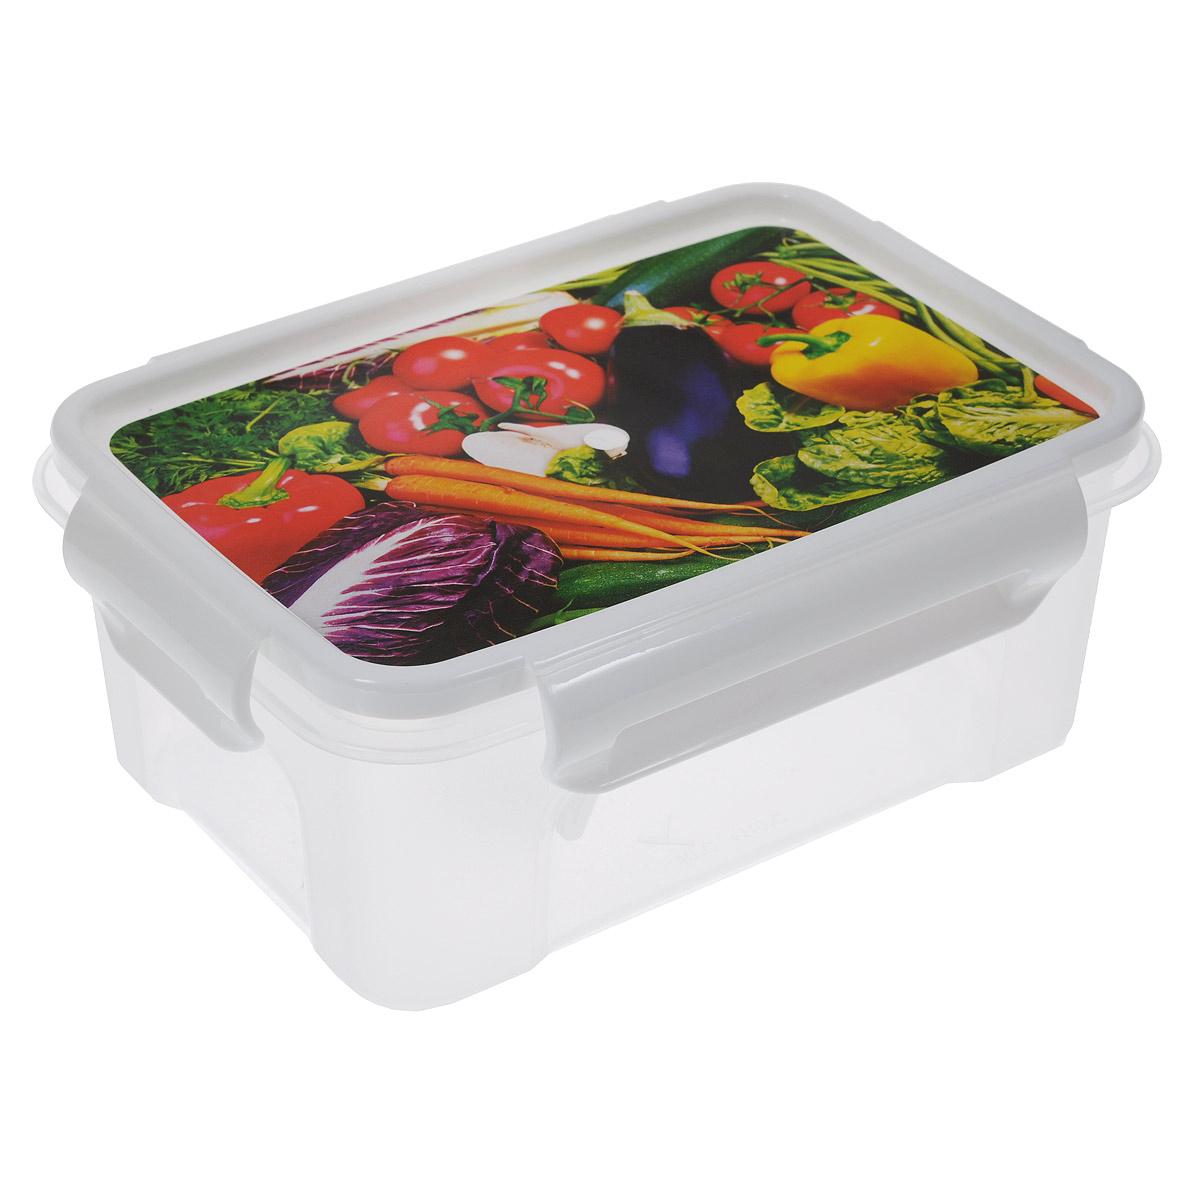 Контейнер Полимербыт Лок декор, 750 млVT-1520(SR)Контейнер Полимербыт Лок декор прямоугольной формы, изготовленный из прочного пластика, предназначен специально для хранения пищевых продуктов. Крышка, декорированная изображением овощей, легко открывается и плотно закрывается.Контейнер устойчив к воздействию масел и жиров, легко моется. Прозрачные стенки позволяют видеть содержимое. Контейнер имеет возможность хранения продуктов глубокой заморозки, обладает высокой прочностью. Можно мыть в посудомоечной машине. Подходит для использования в микроволновых печах.